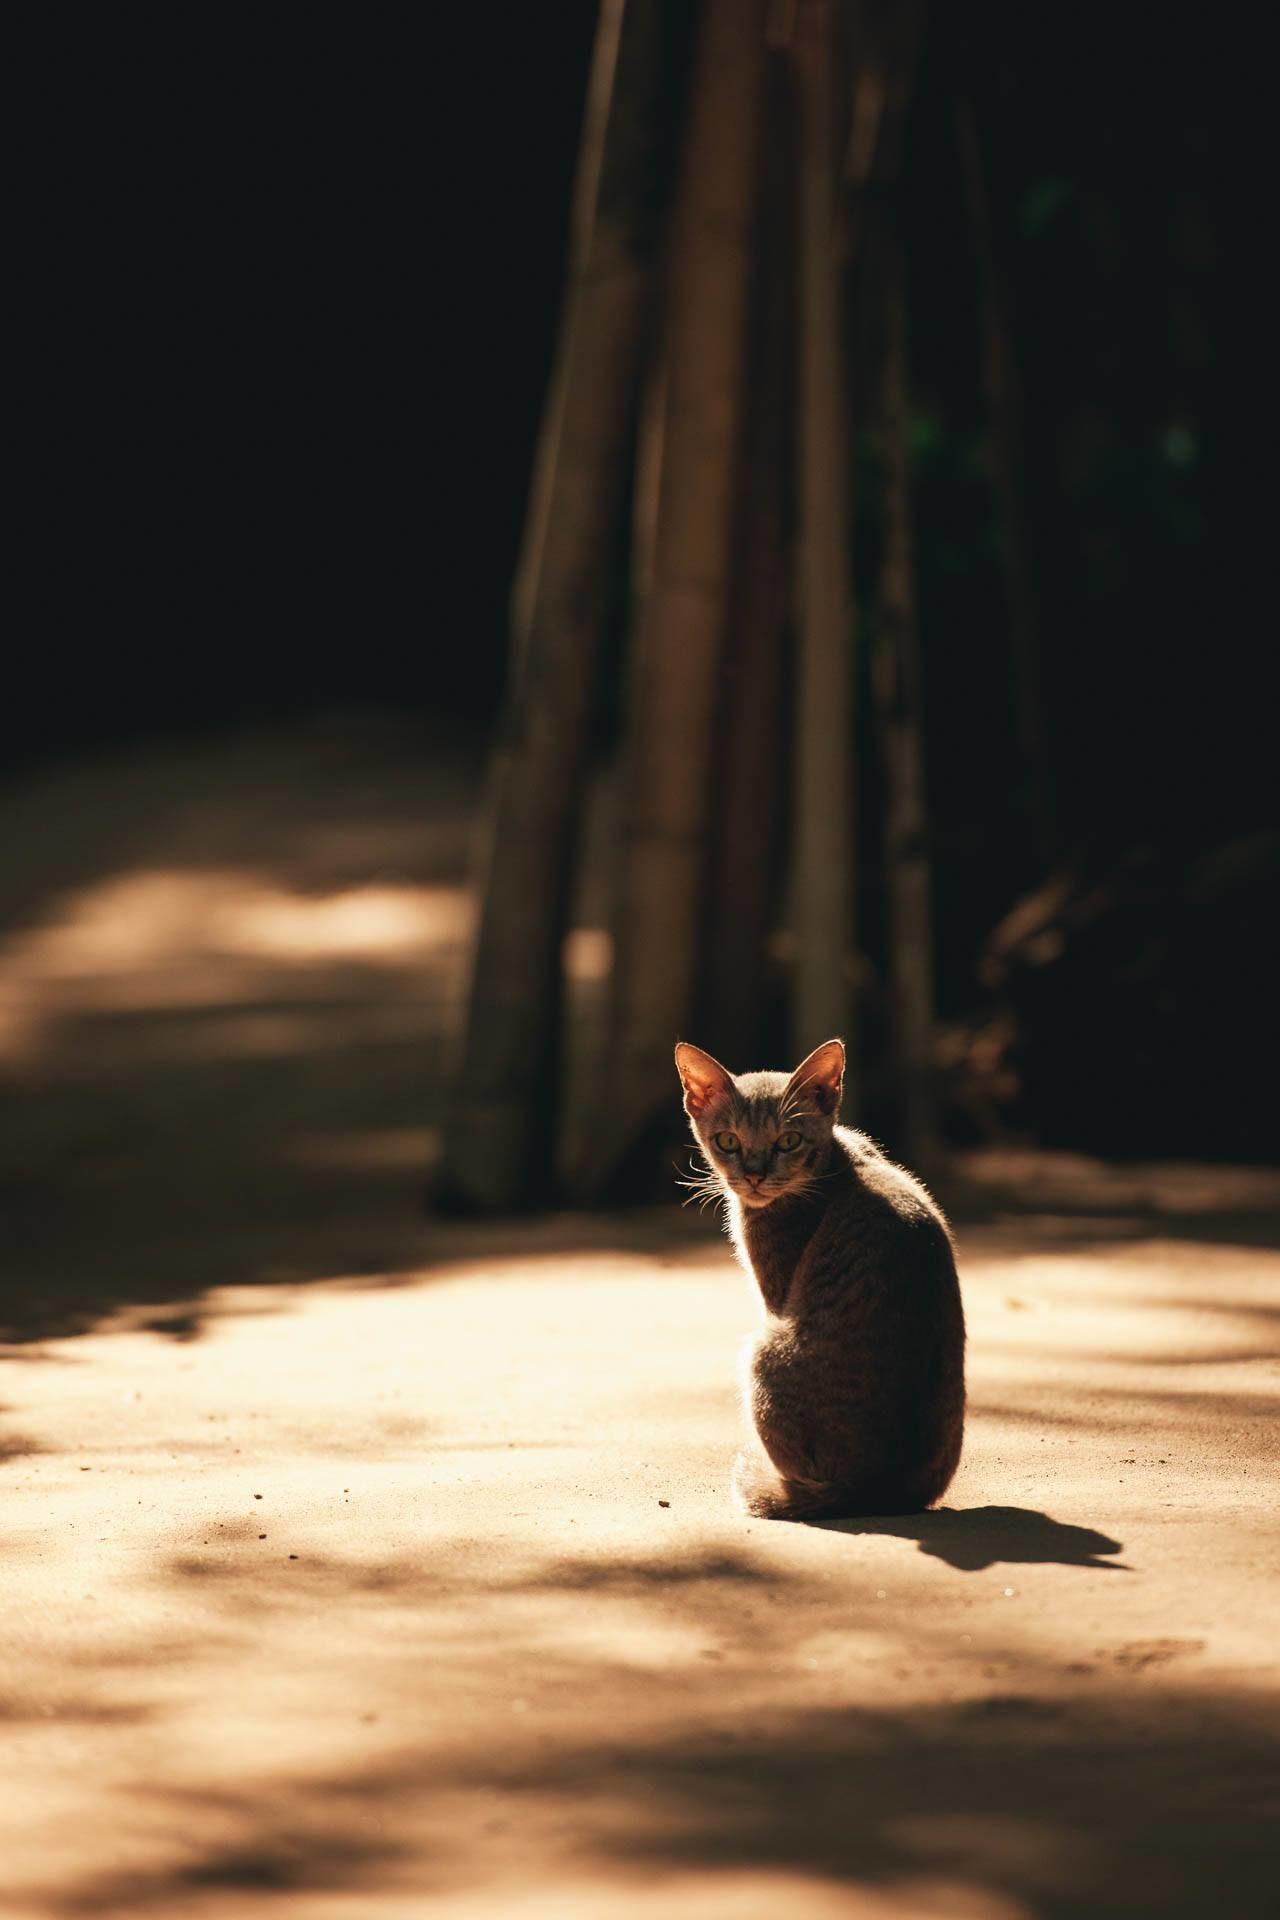 Katze Sonnenschein Myanmar Fotostory von Nils Junker